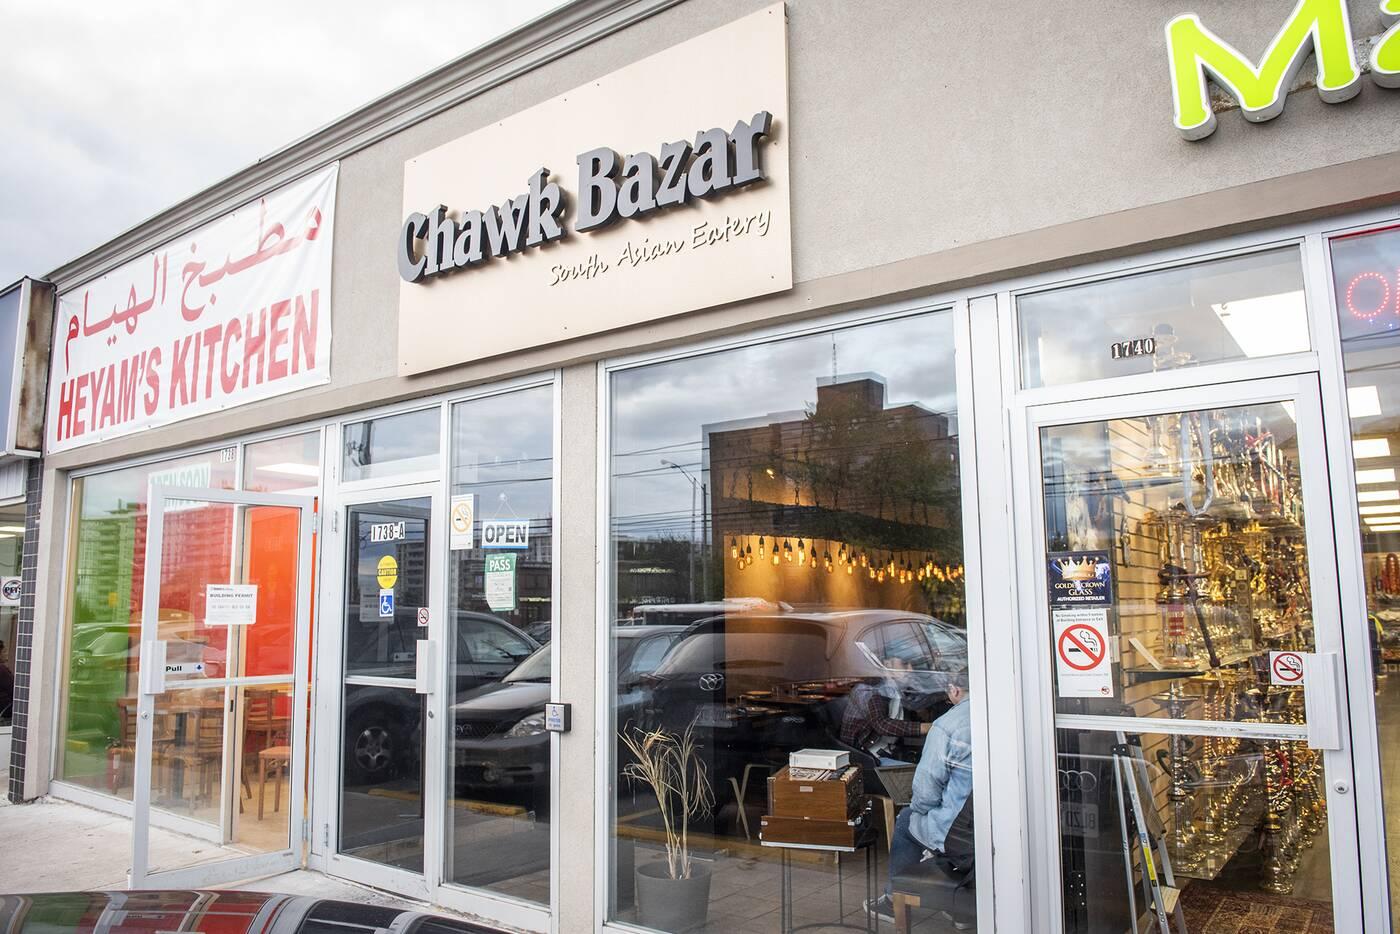 Chawk Bazar Toronto